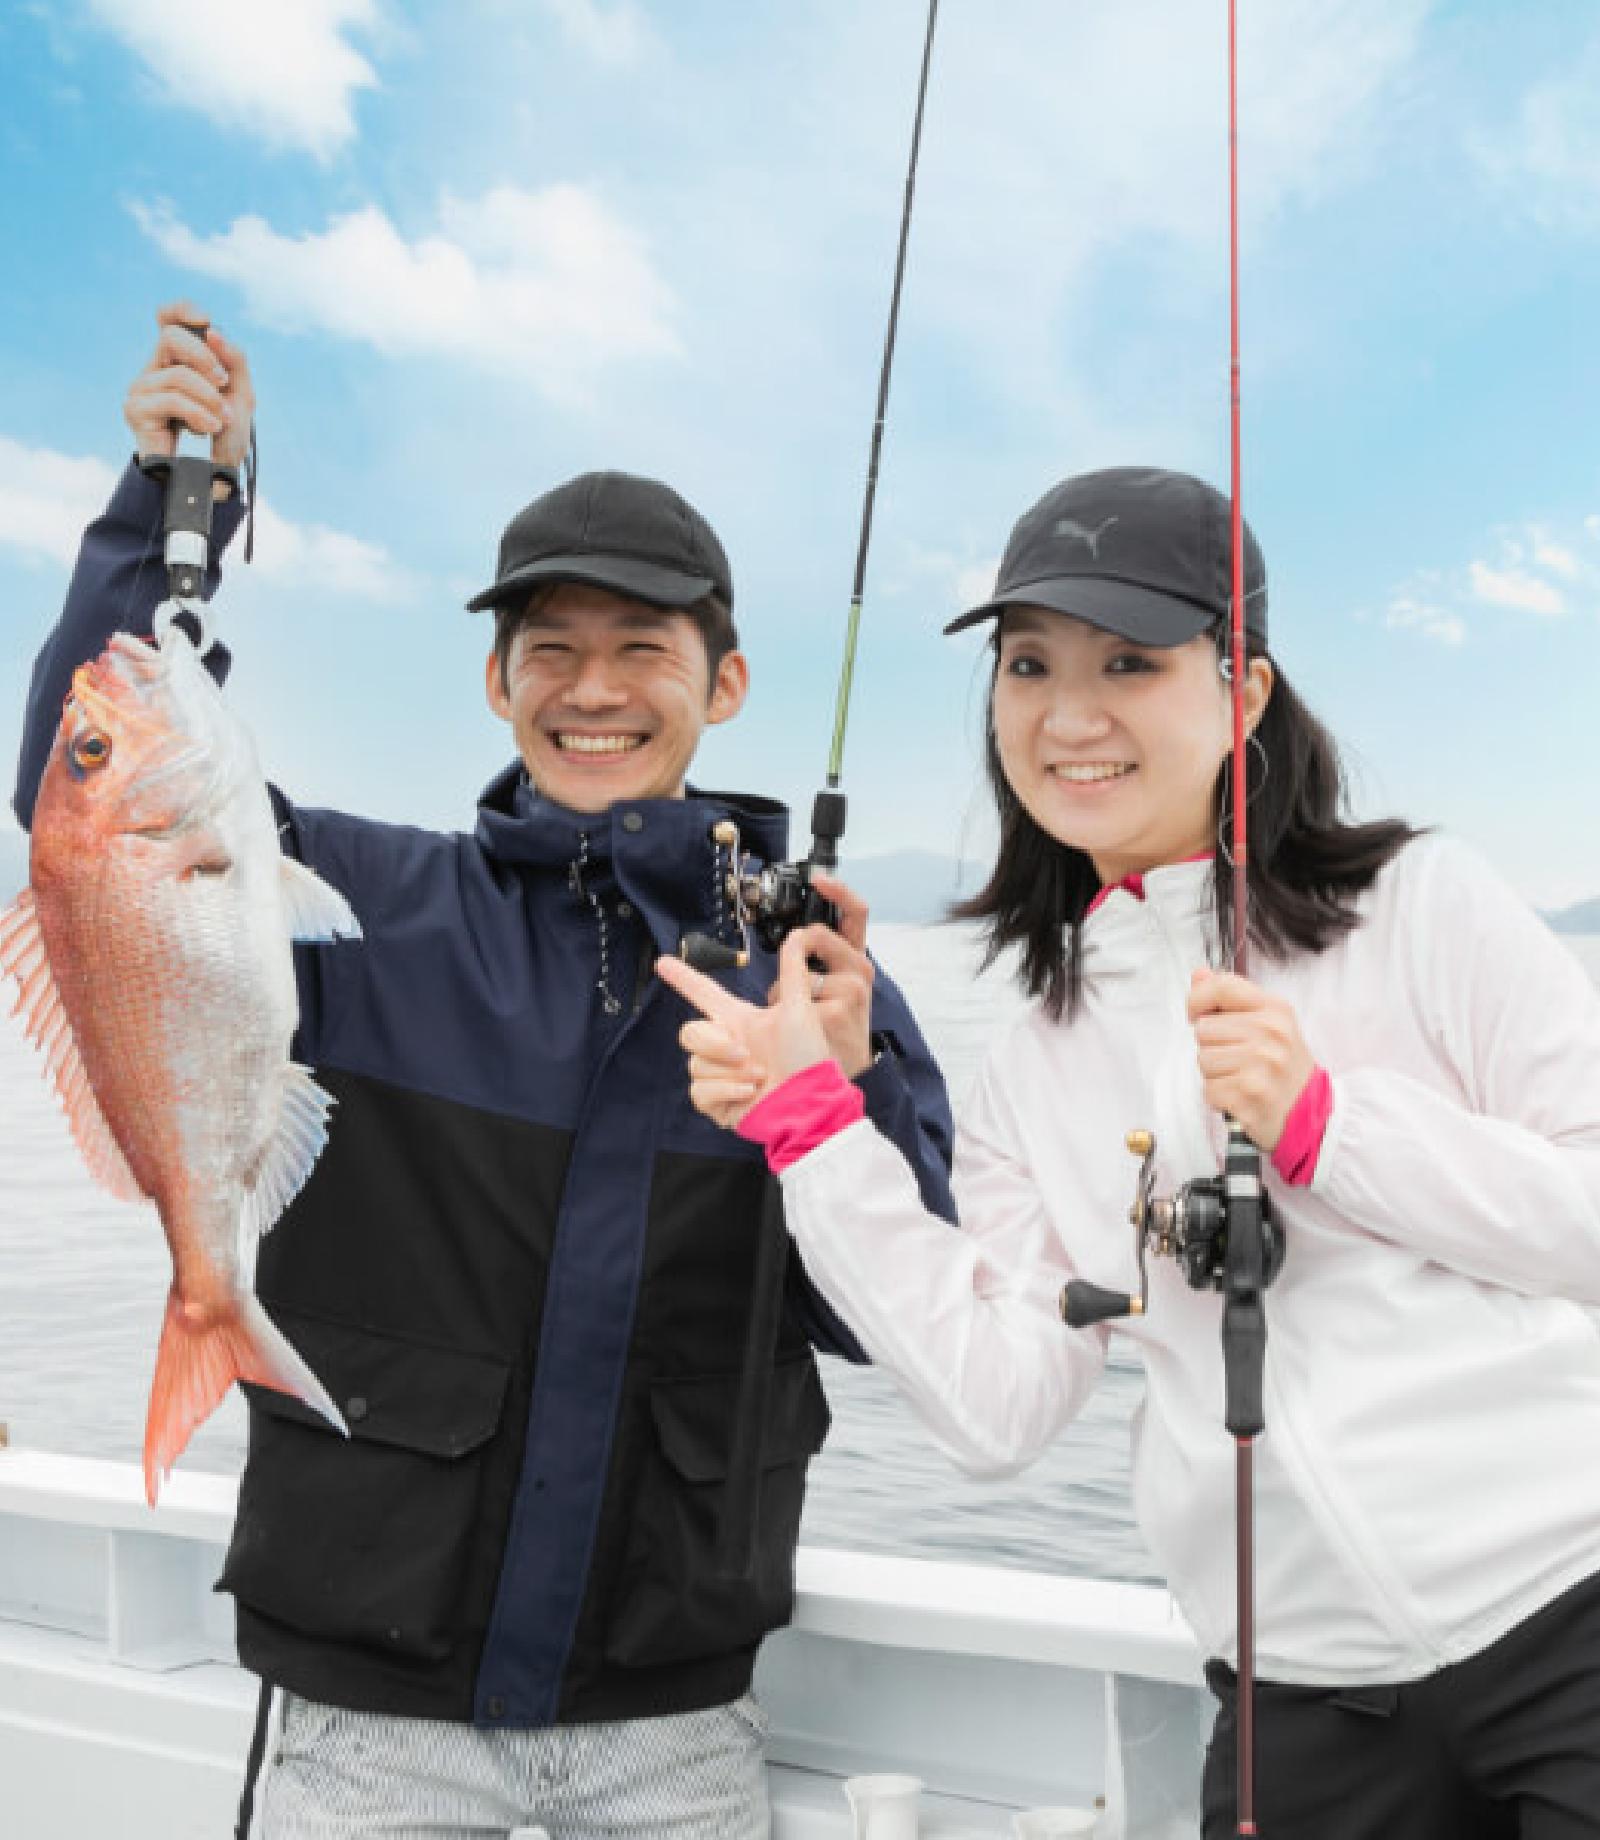 漁師と行く!タイラバ釣りツアー